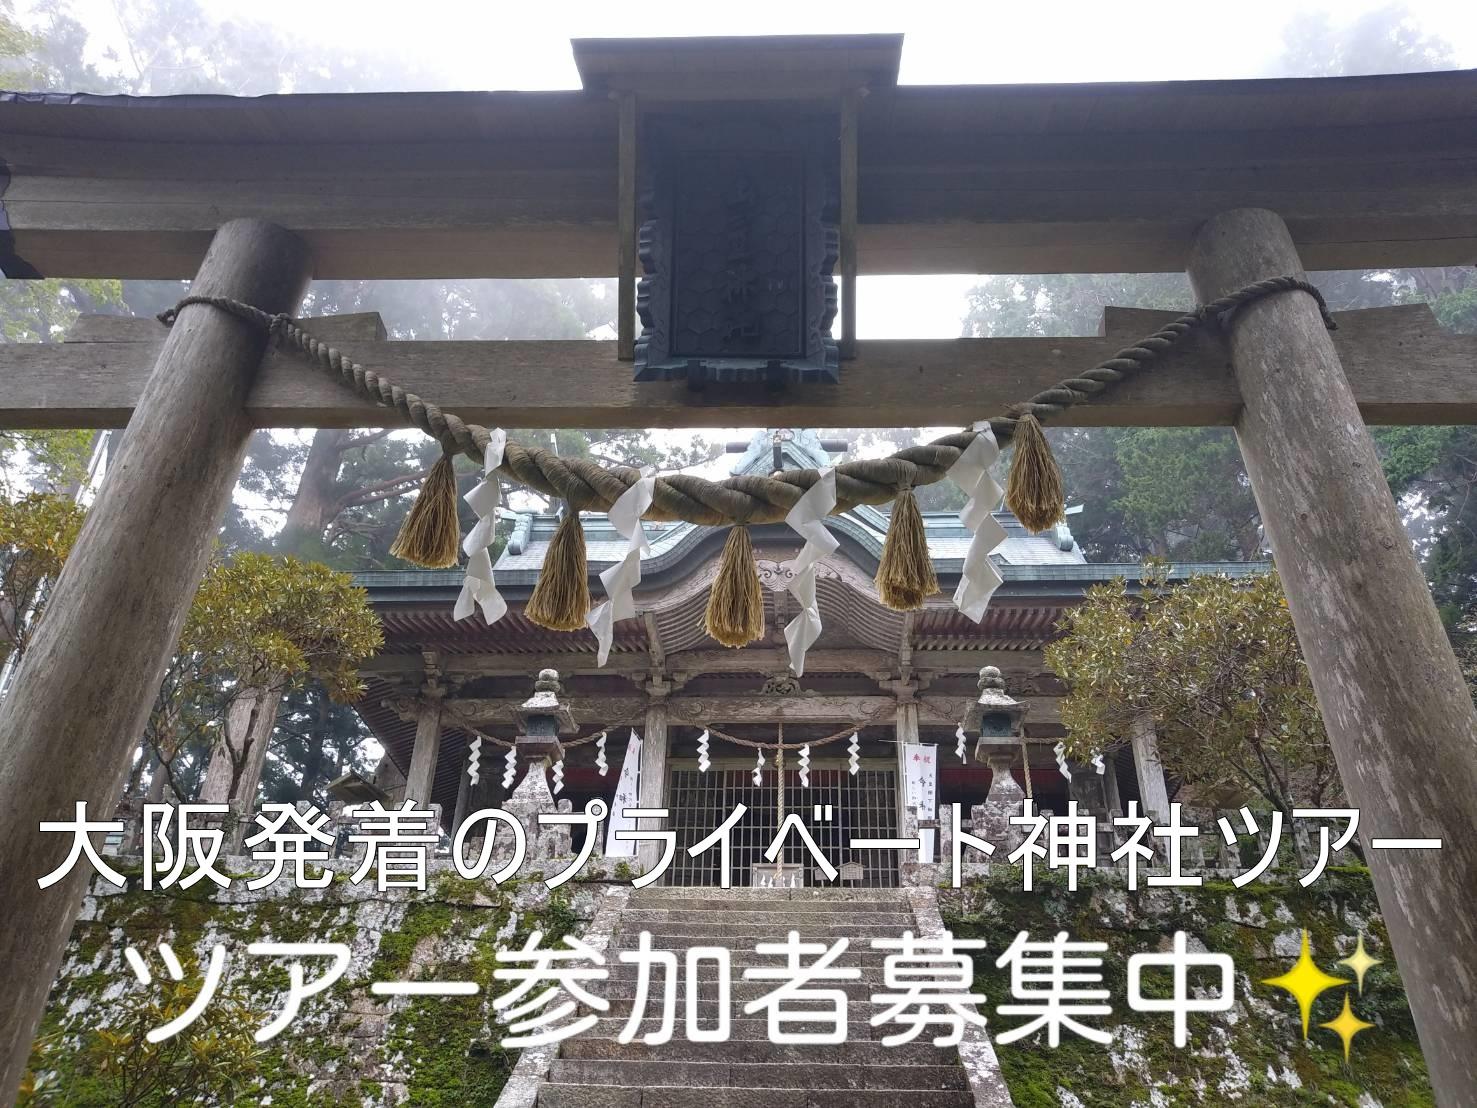 聖子の気まぐれ神社ツアー